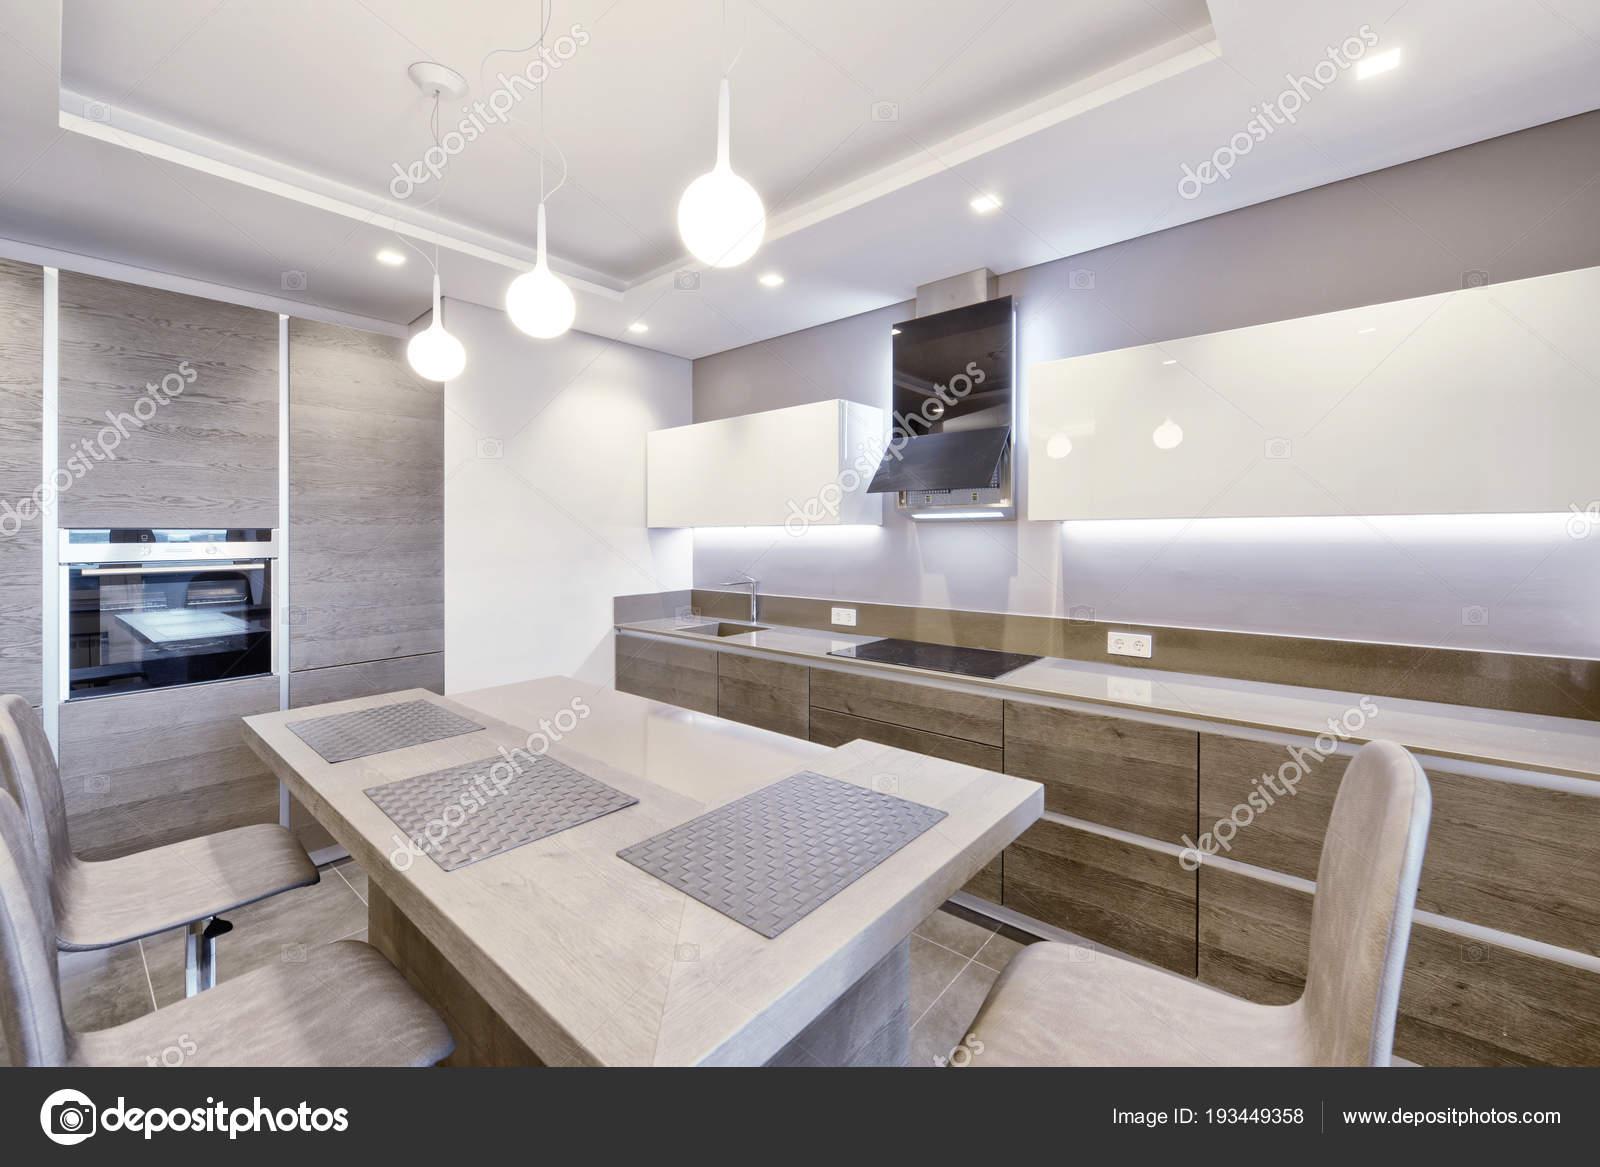 Cuisine Moderne Design Intérieur Dans Nouvelle Maison — Photographie ...